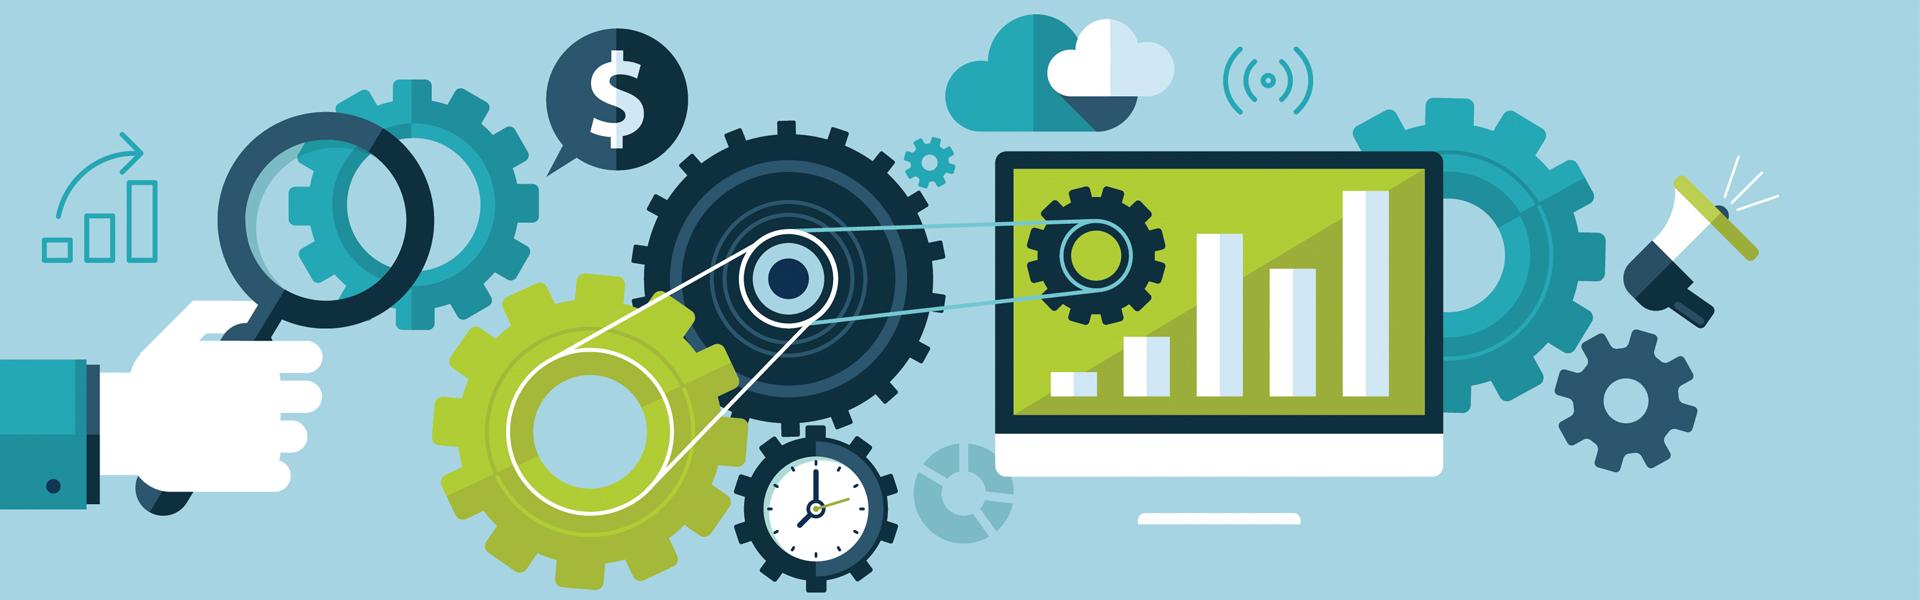 Оптимизация сайта: что это такое и для чего она нужна?